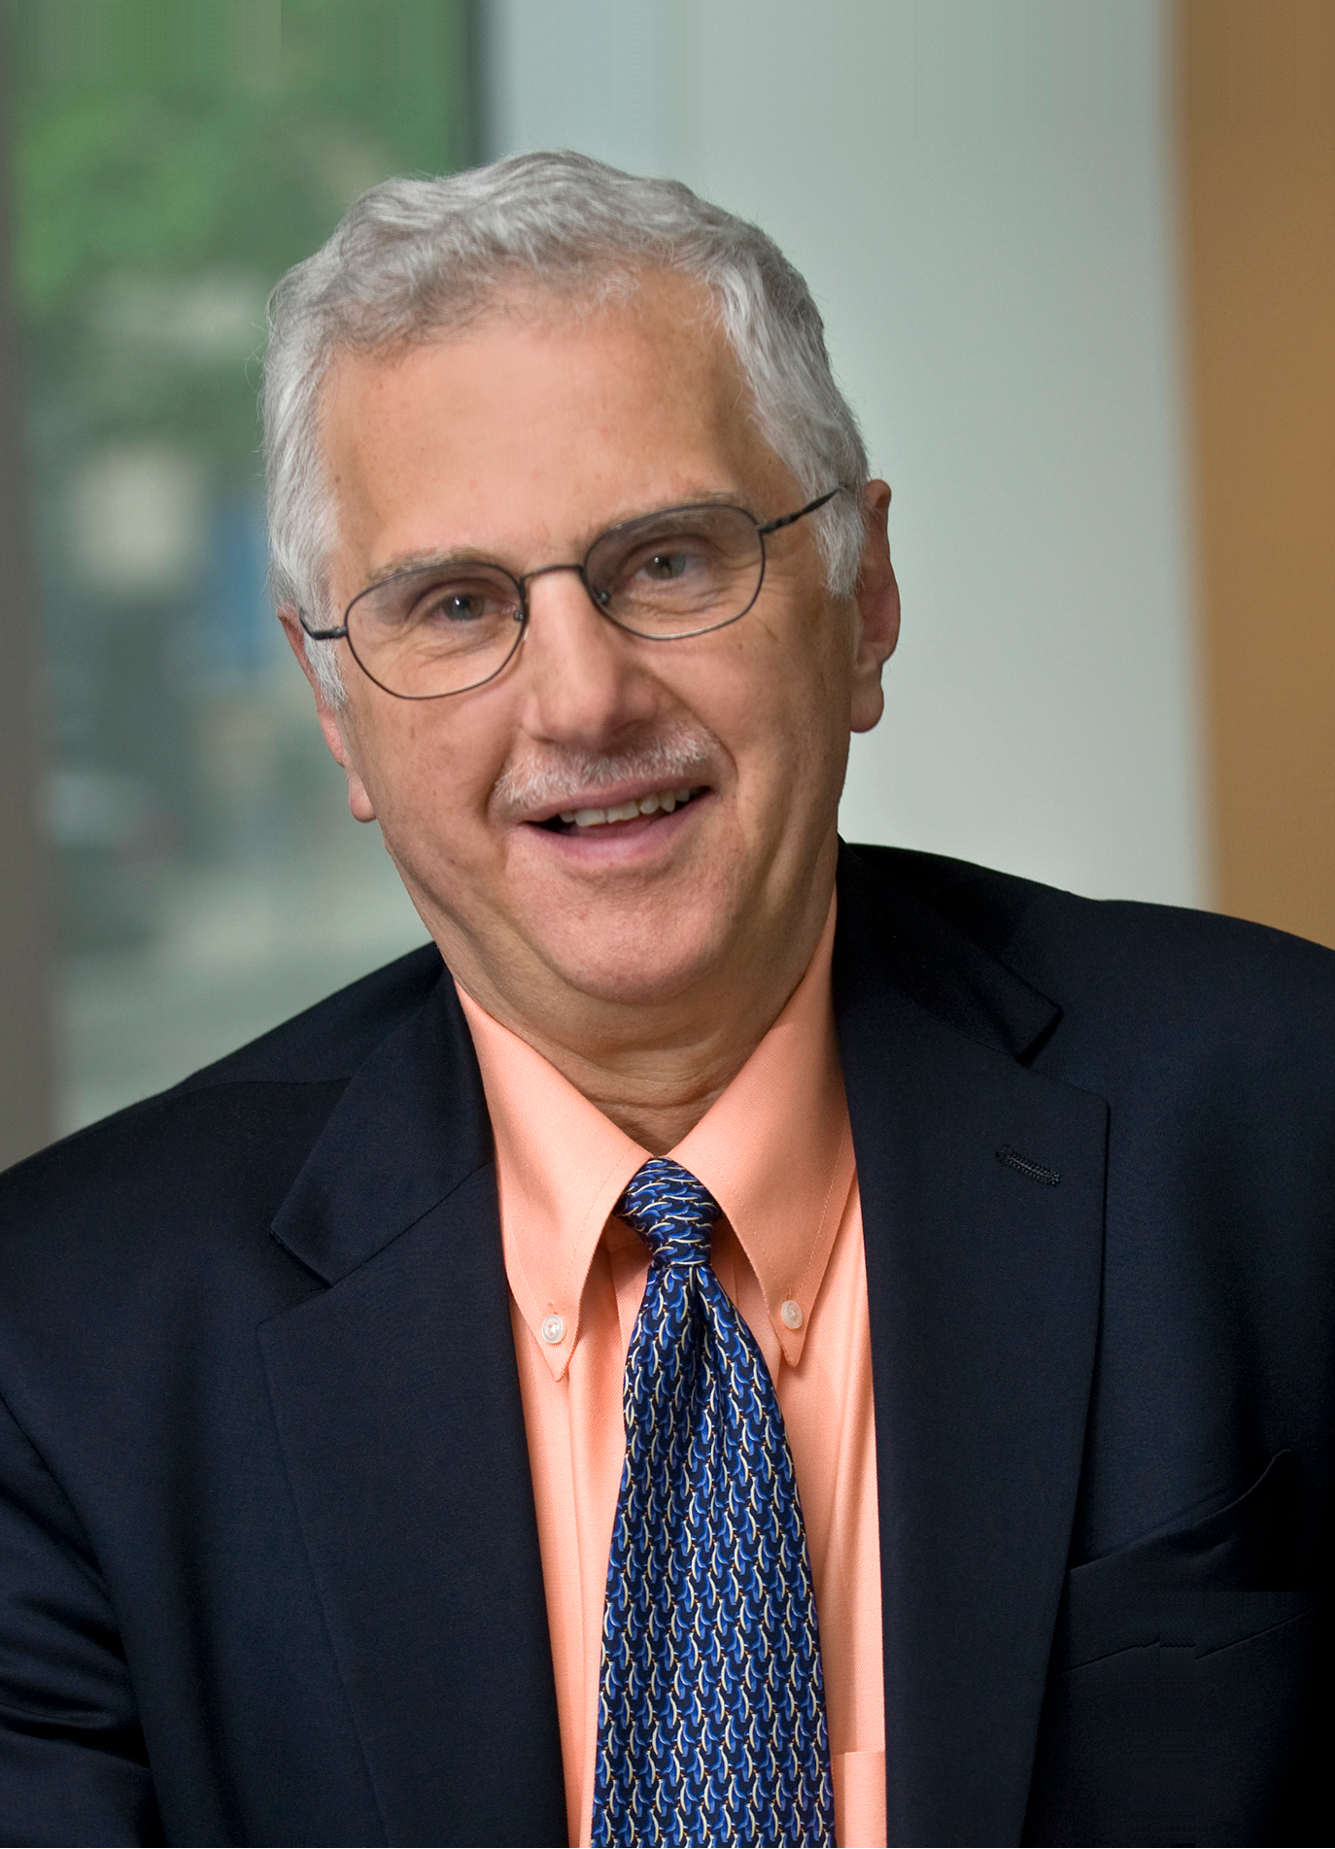 imagen de El bioquímico estadounidense Bruce Alberts.